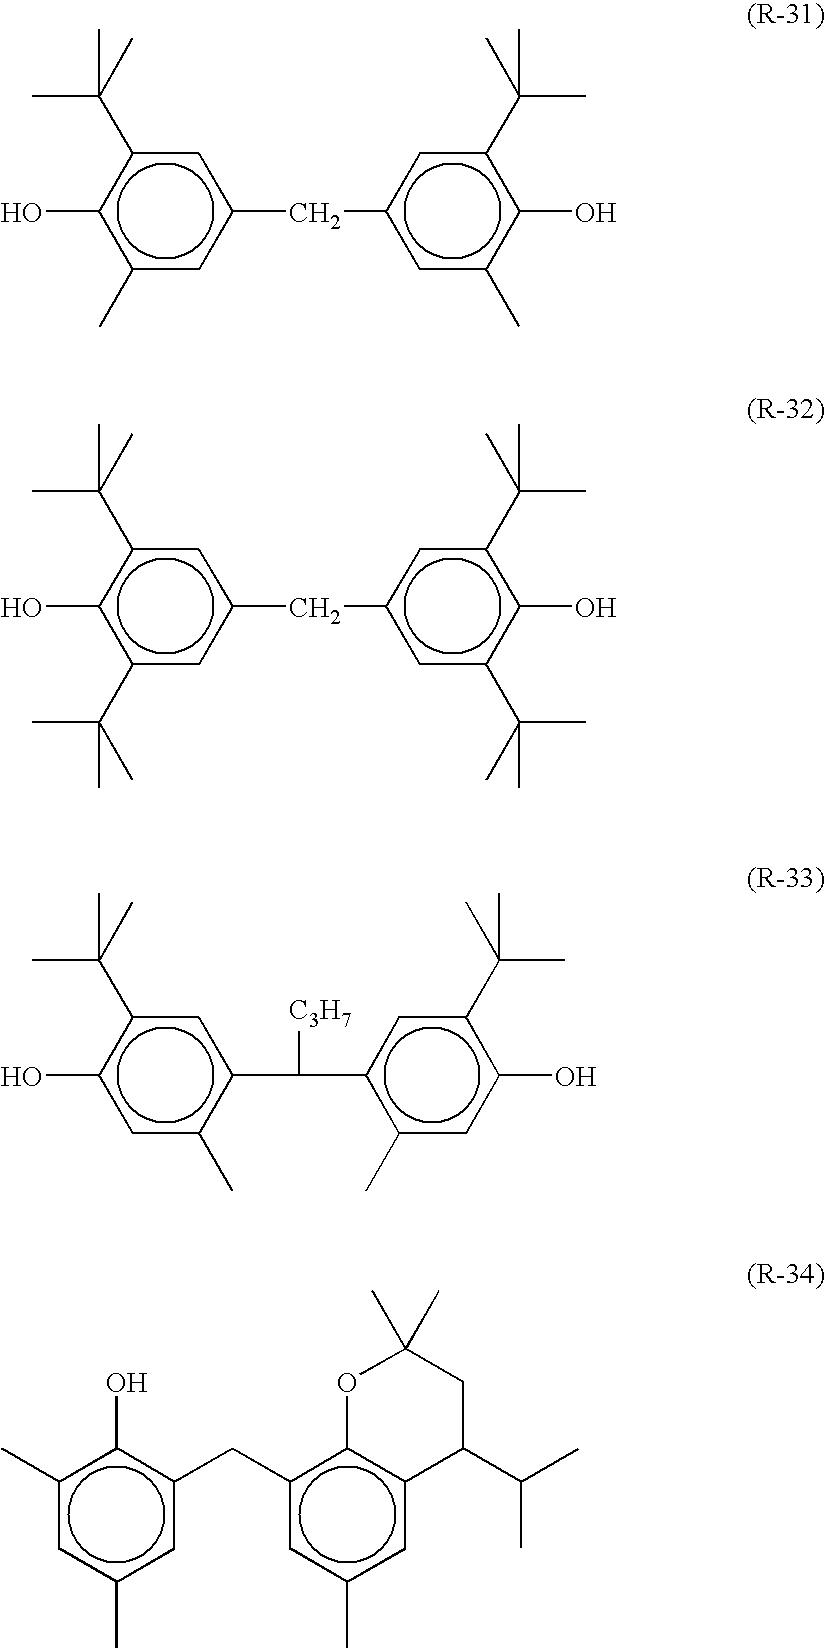 Figure US07133057-20061107-C00018